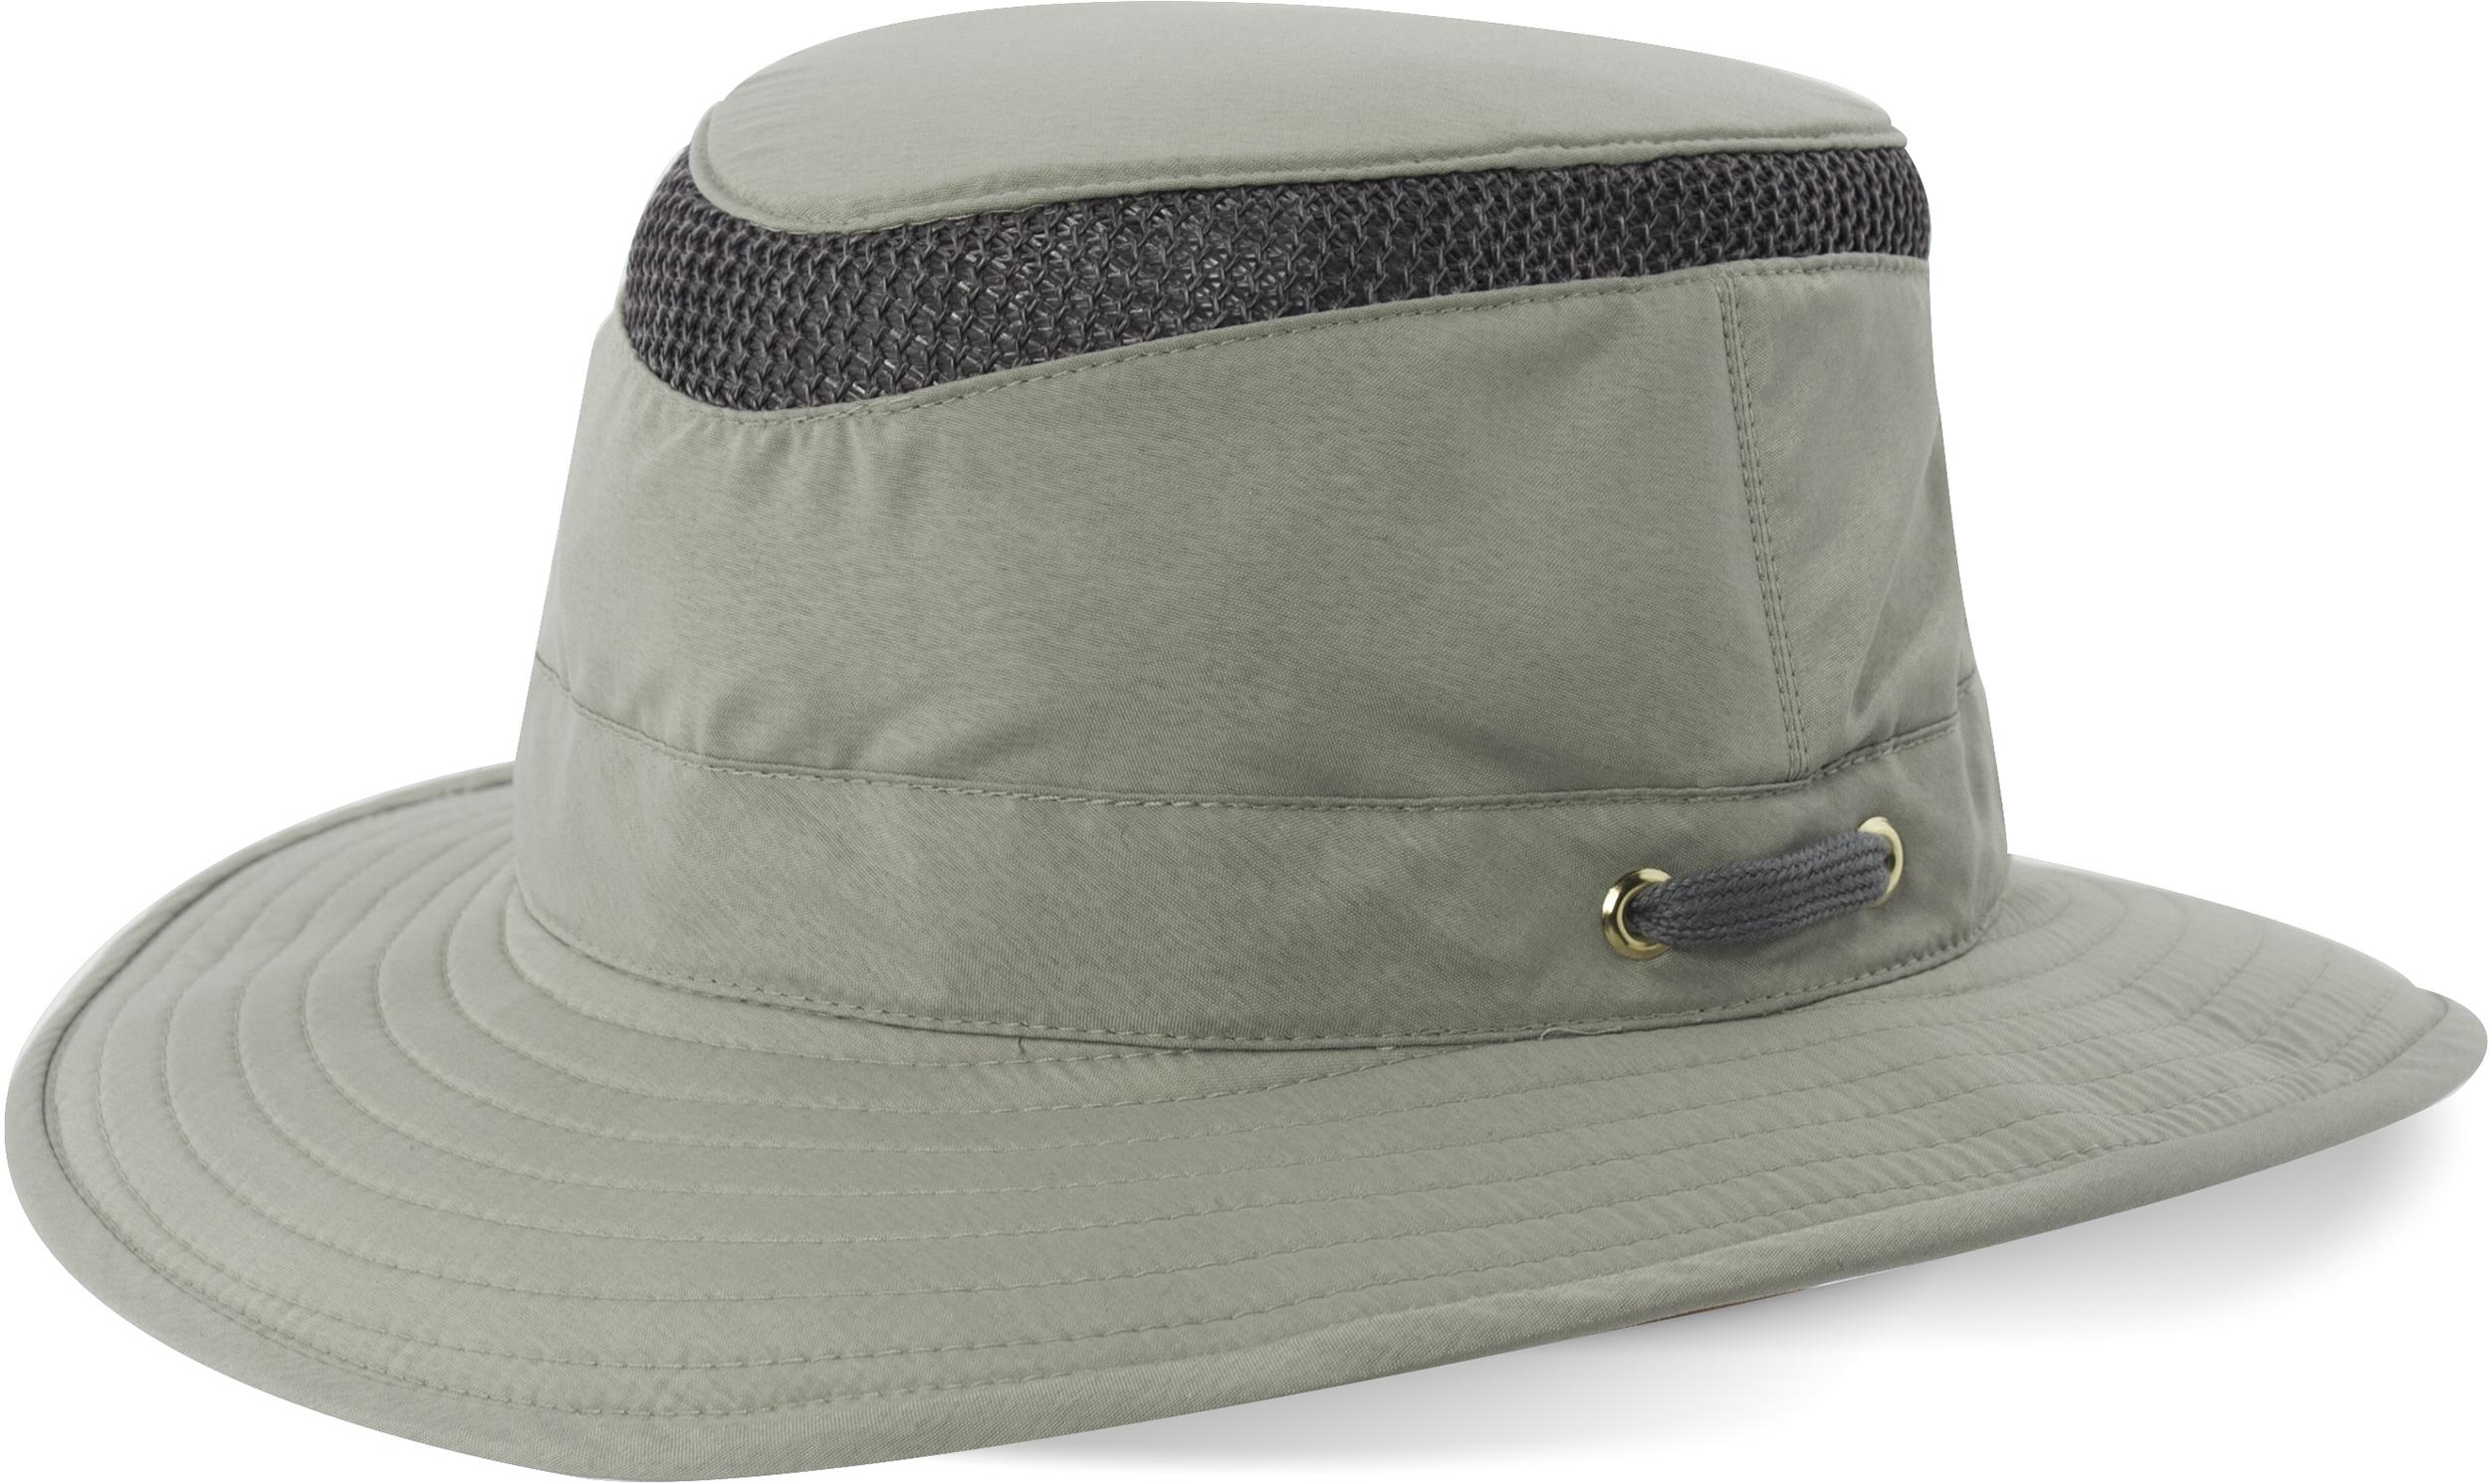 c3c5579cd Men's Hats and toques | MEC